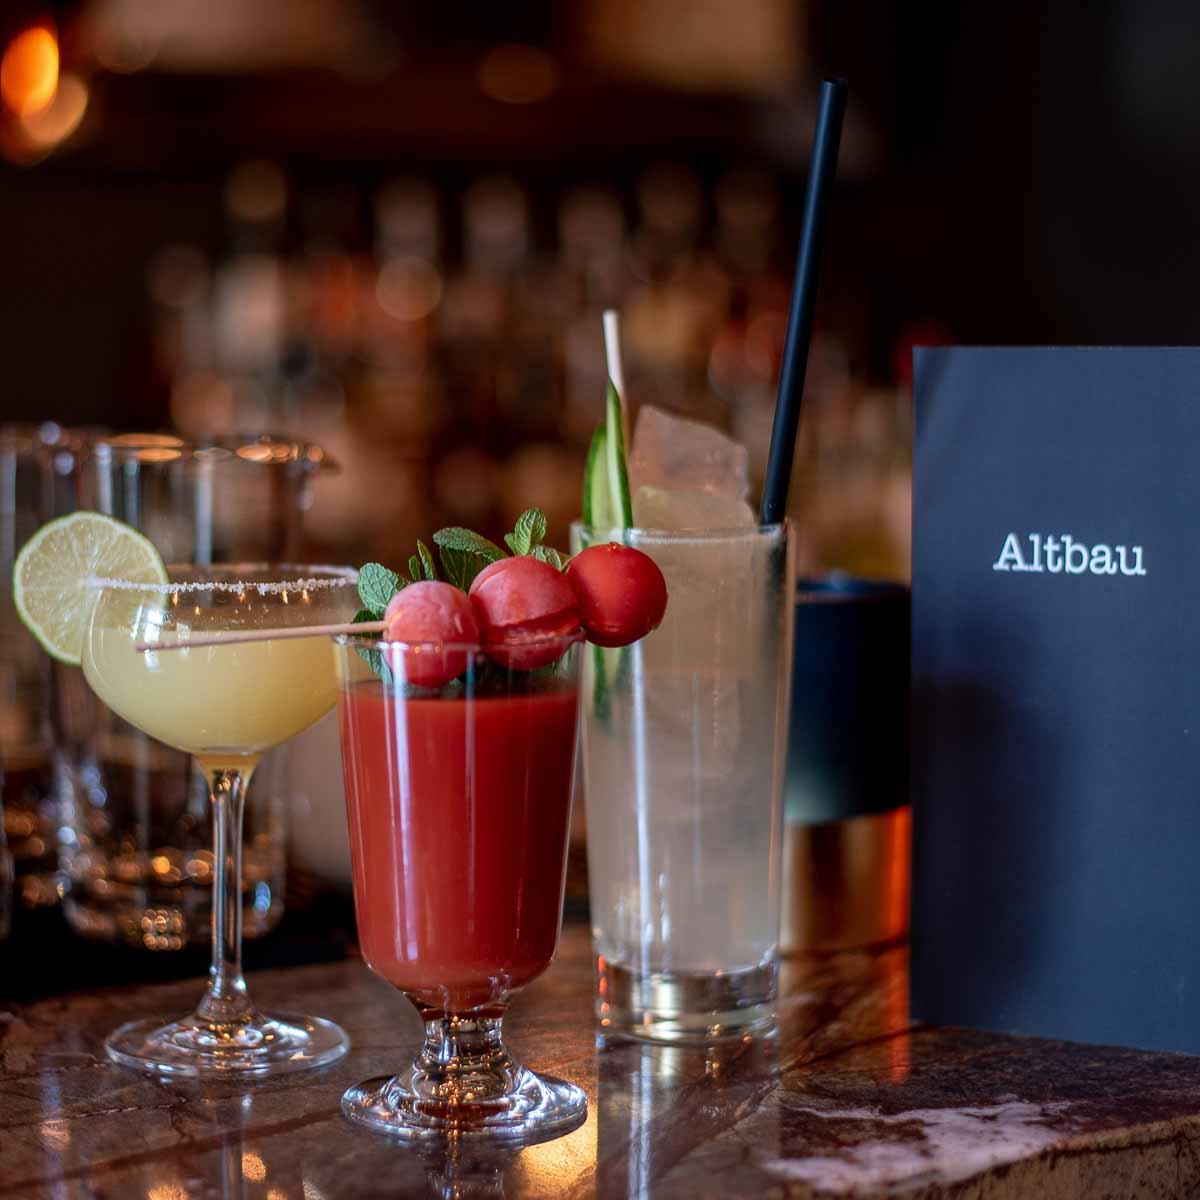 Altbau Bar im Rosegarden in Berlin-Mitte-7